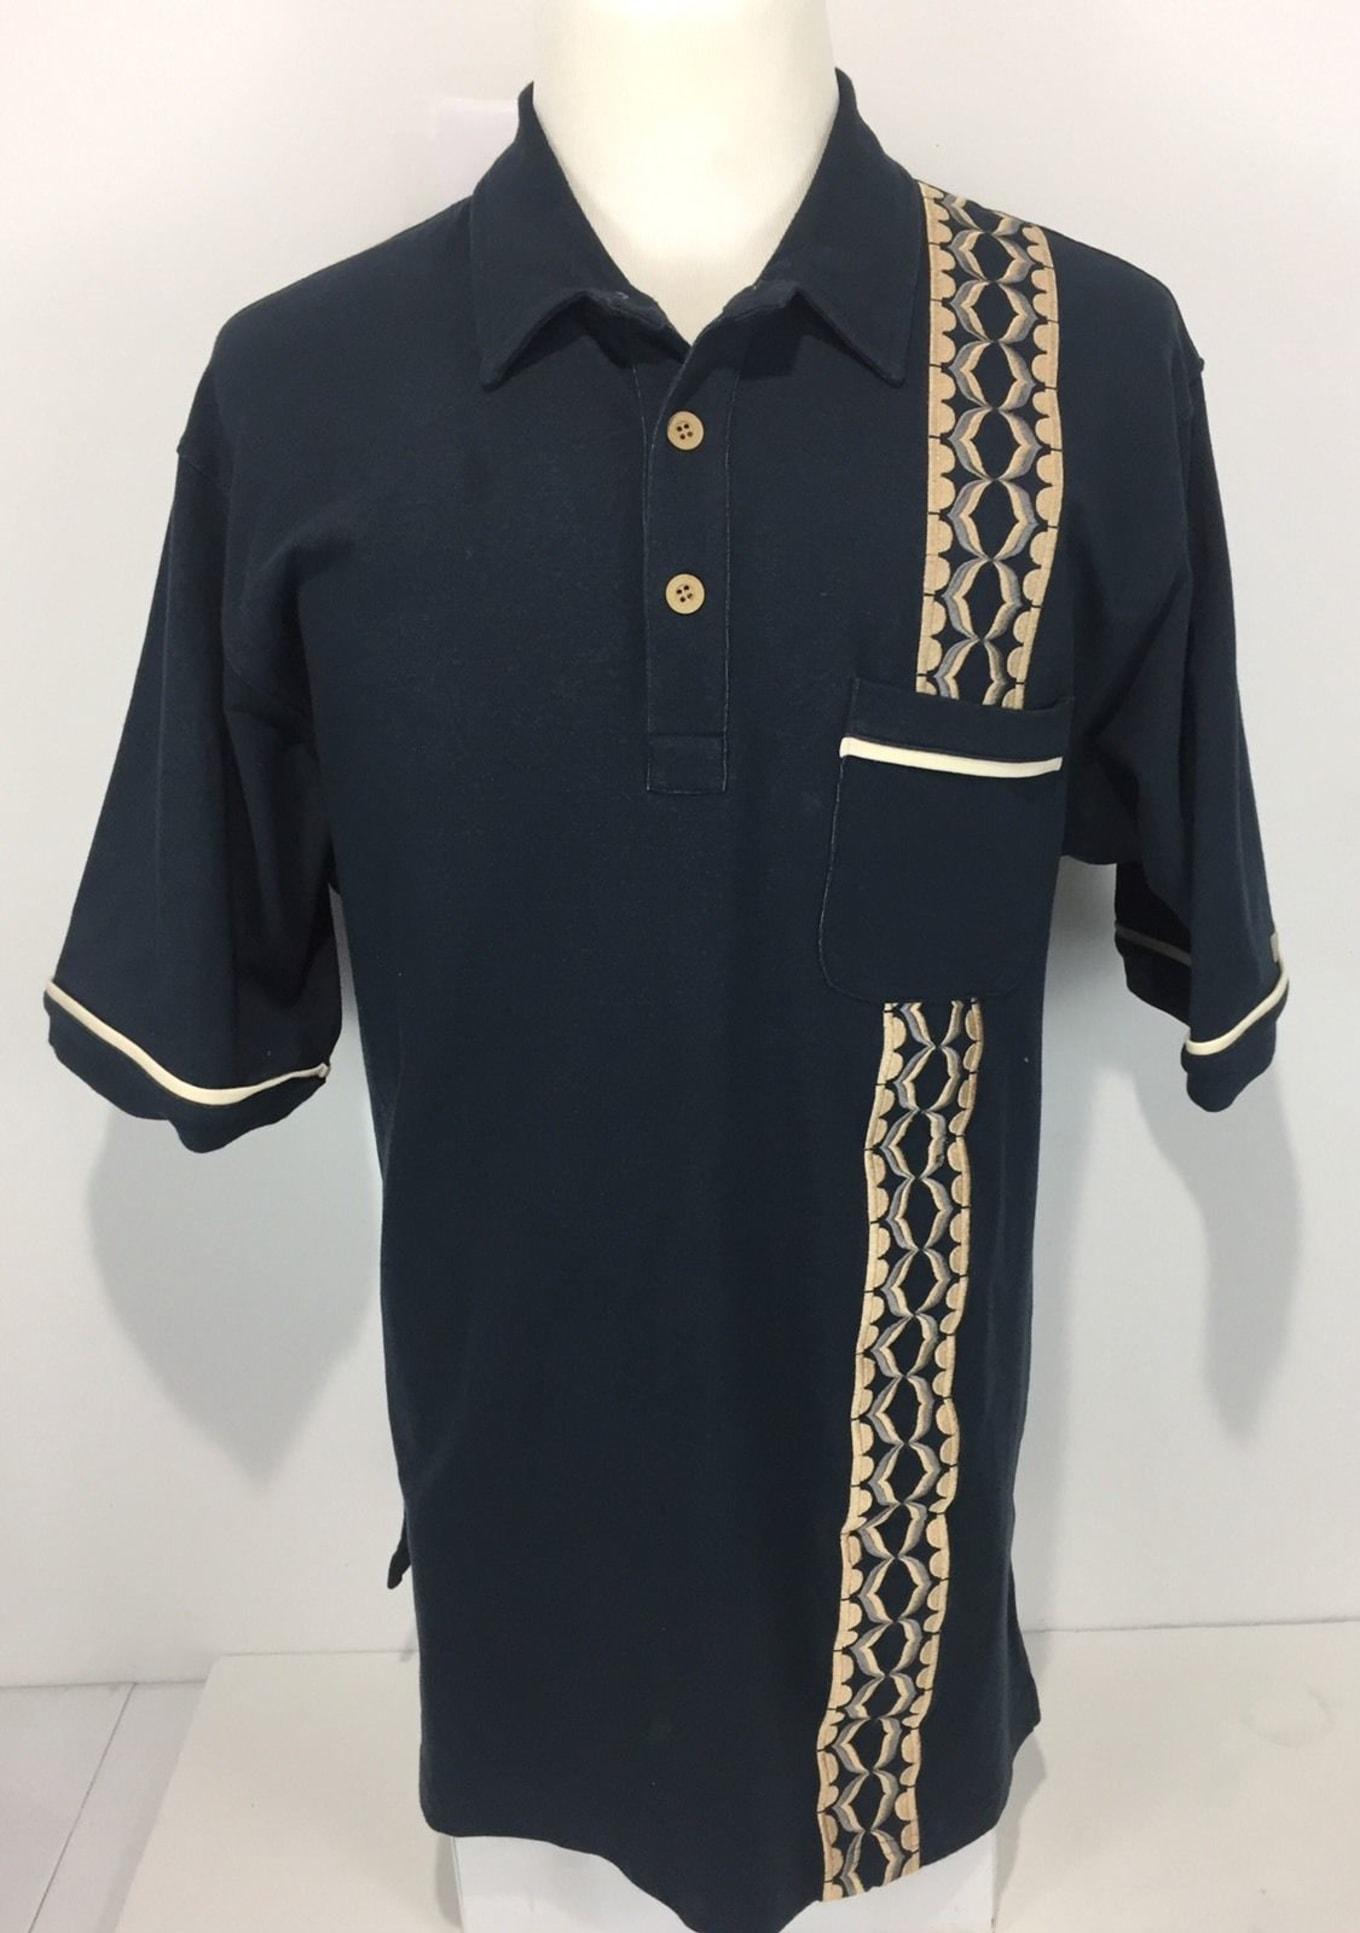 3c04fbf8e99 Worst Michael Air Jordan Clothes Ebay   Sole Collector